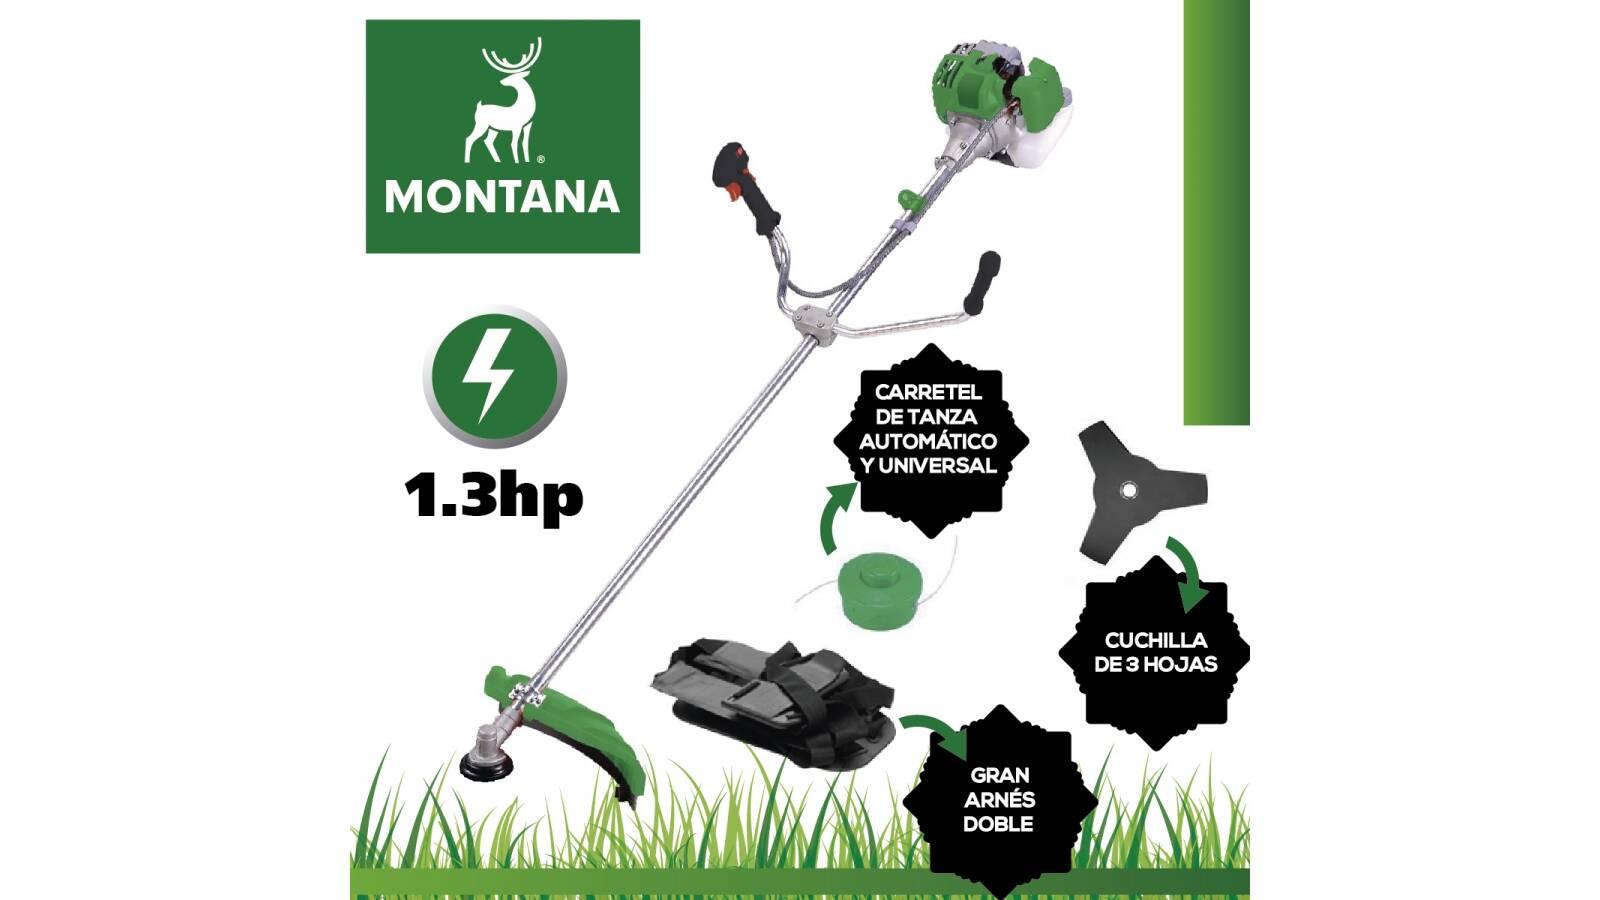 Desmalezadora Montana 33 cc. Oferta de temporada!